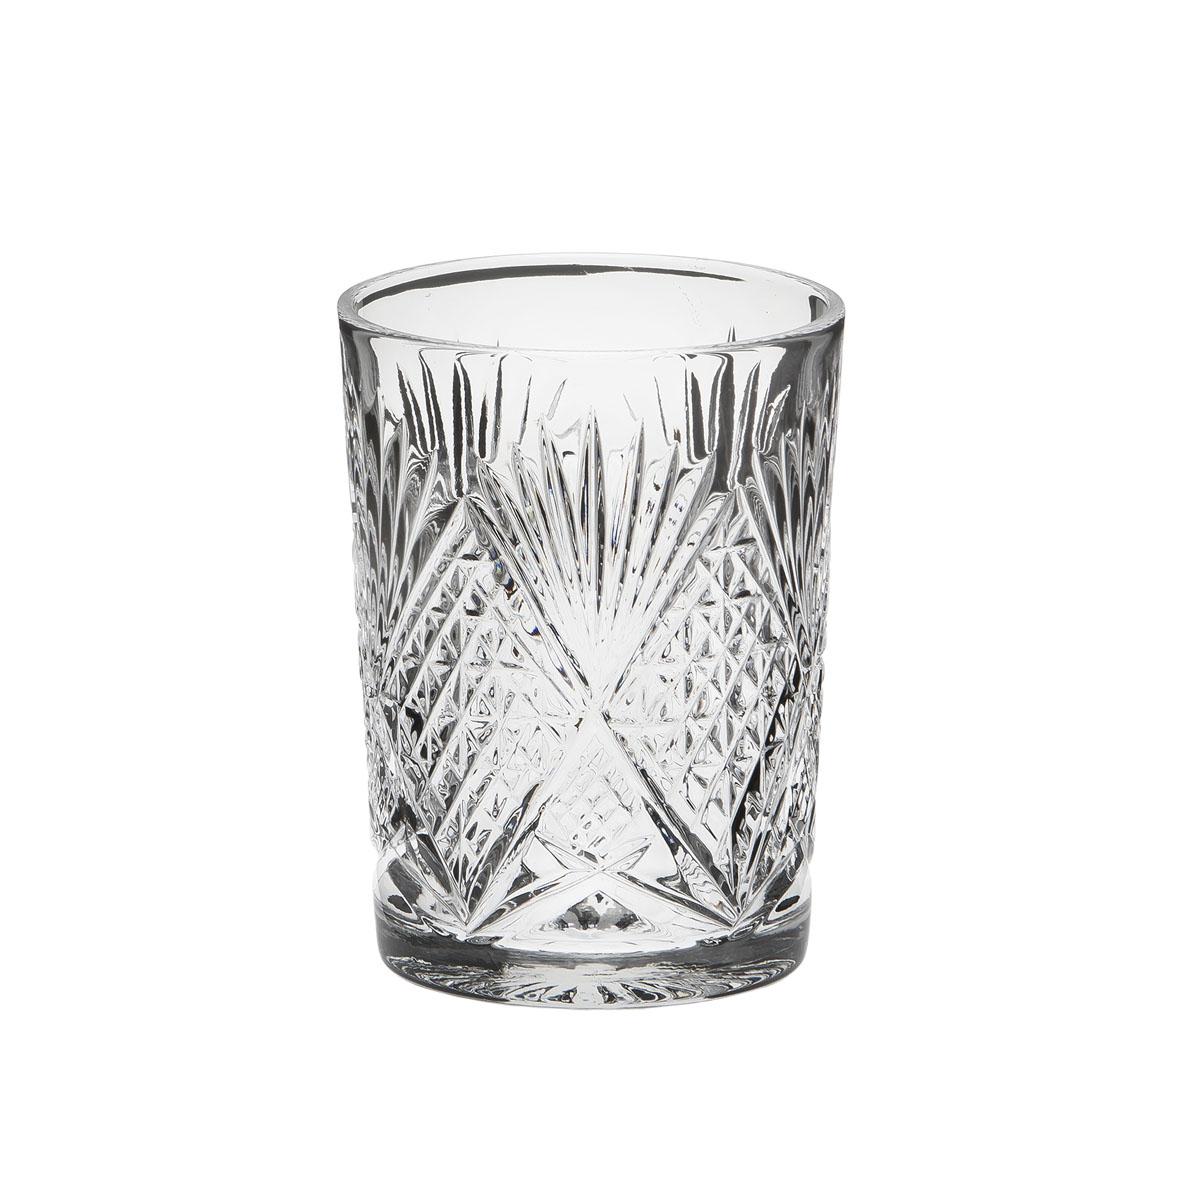 Стакан Дятьковский хрусталь Чайный, 250 мл. С189С189Хрустальные стаканы – красивое и простое решение для украшения праздничного стола. Стаканы из хрусталя универсальны, они подойдут и для алкогольных напитков – вина, шампанского, и для освежающих – минеральной воды, компота или сока. Если в вашей домашней коллекции еще нет предметов хрустальной посуды, купить хрустальные стаканы стоит обязательно.